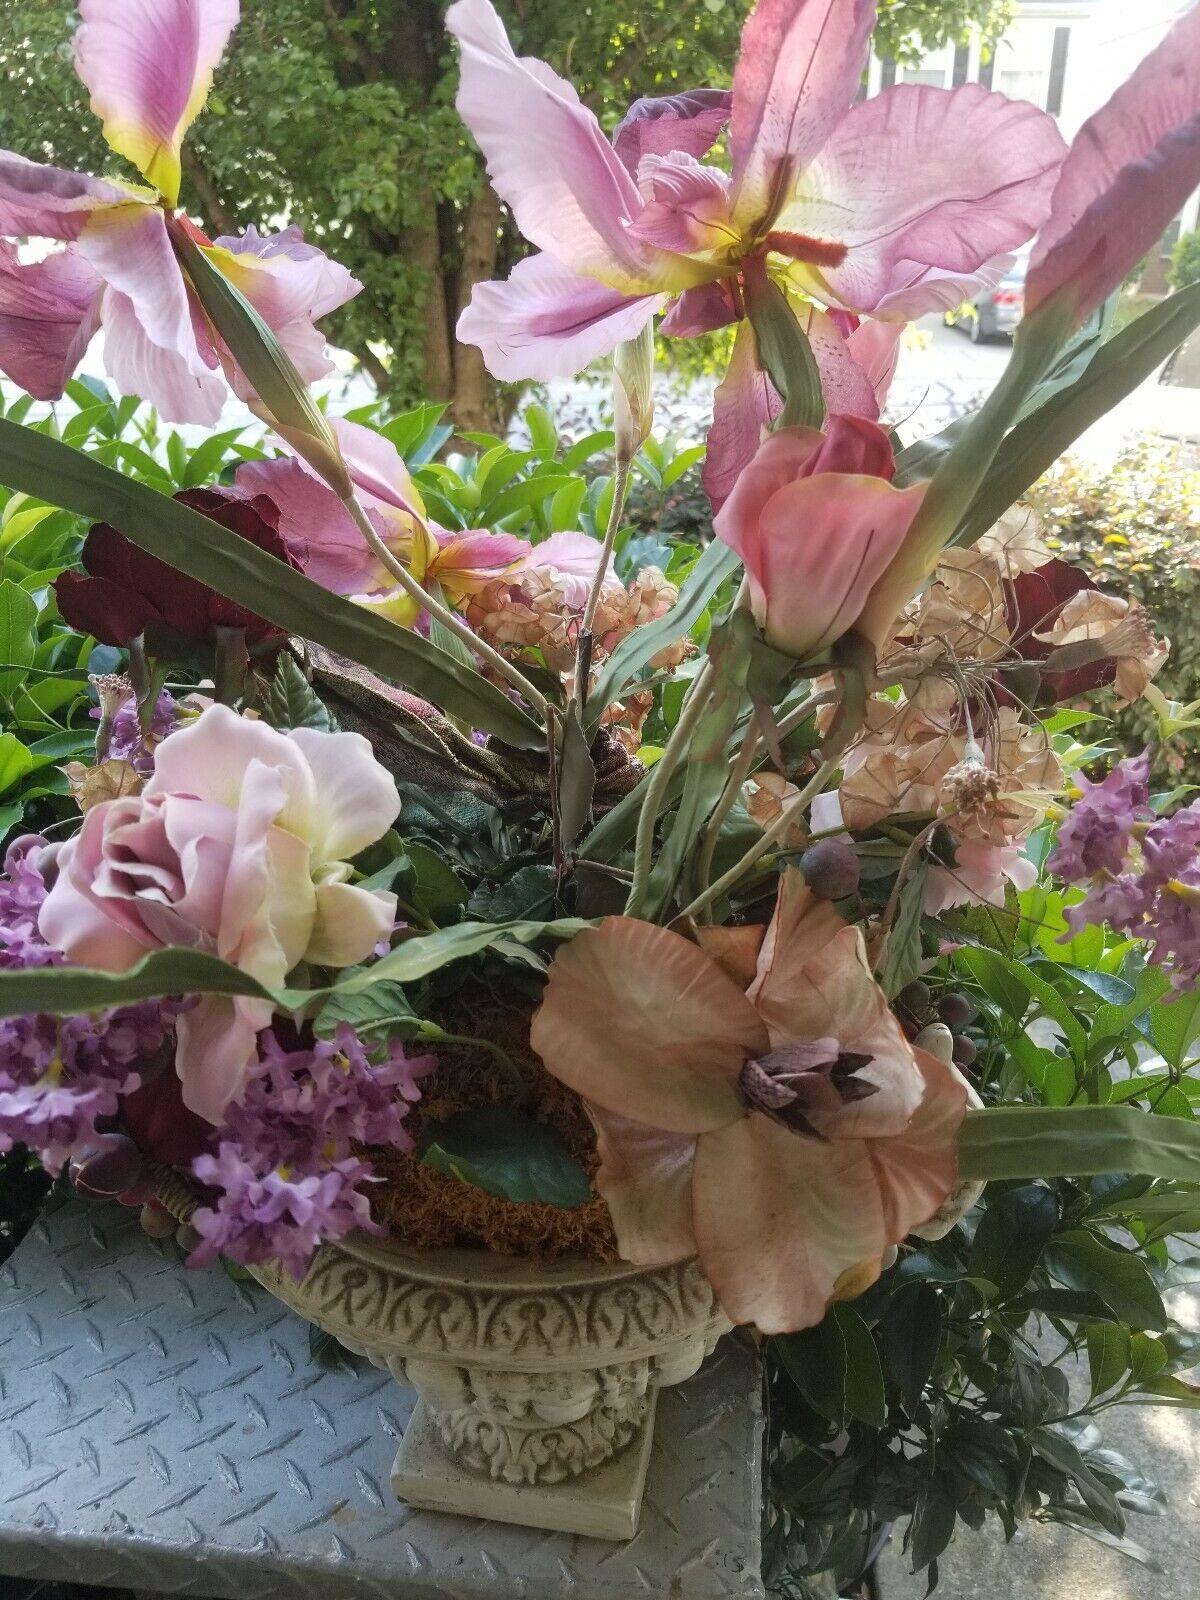 Artificial 30 Phalaenopsis Orchid Flower Arrangement In Burgundy Weave Vase Floral Décor Home Décor